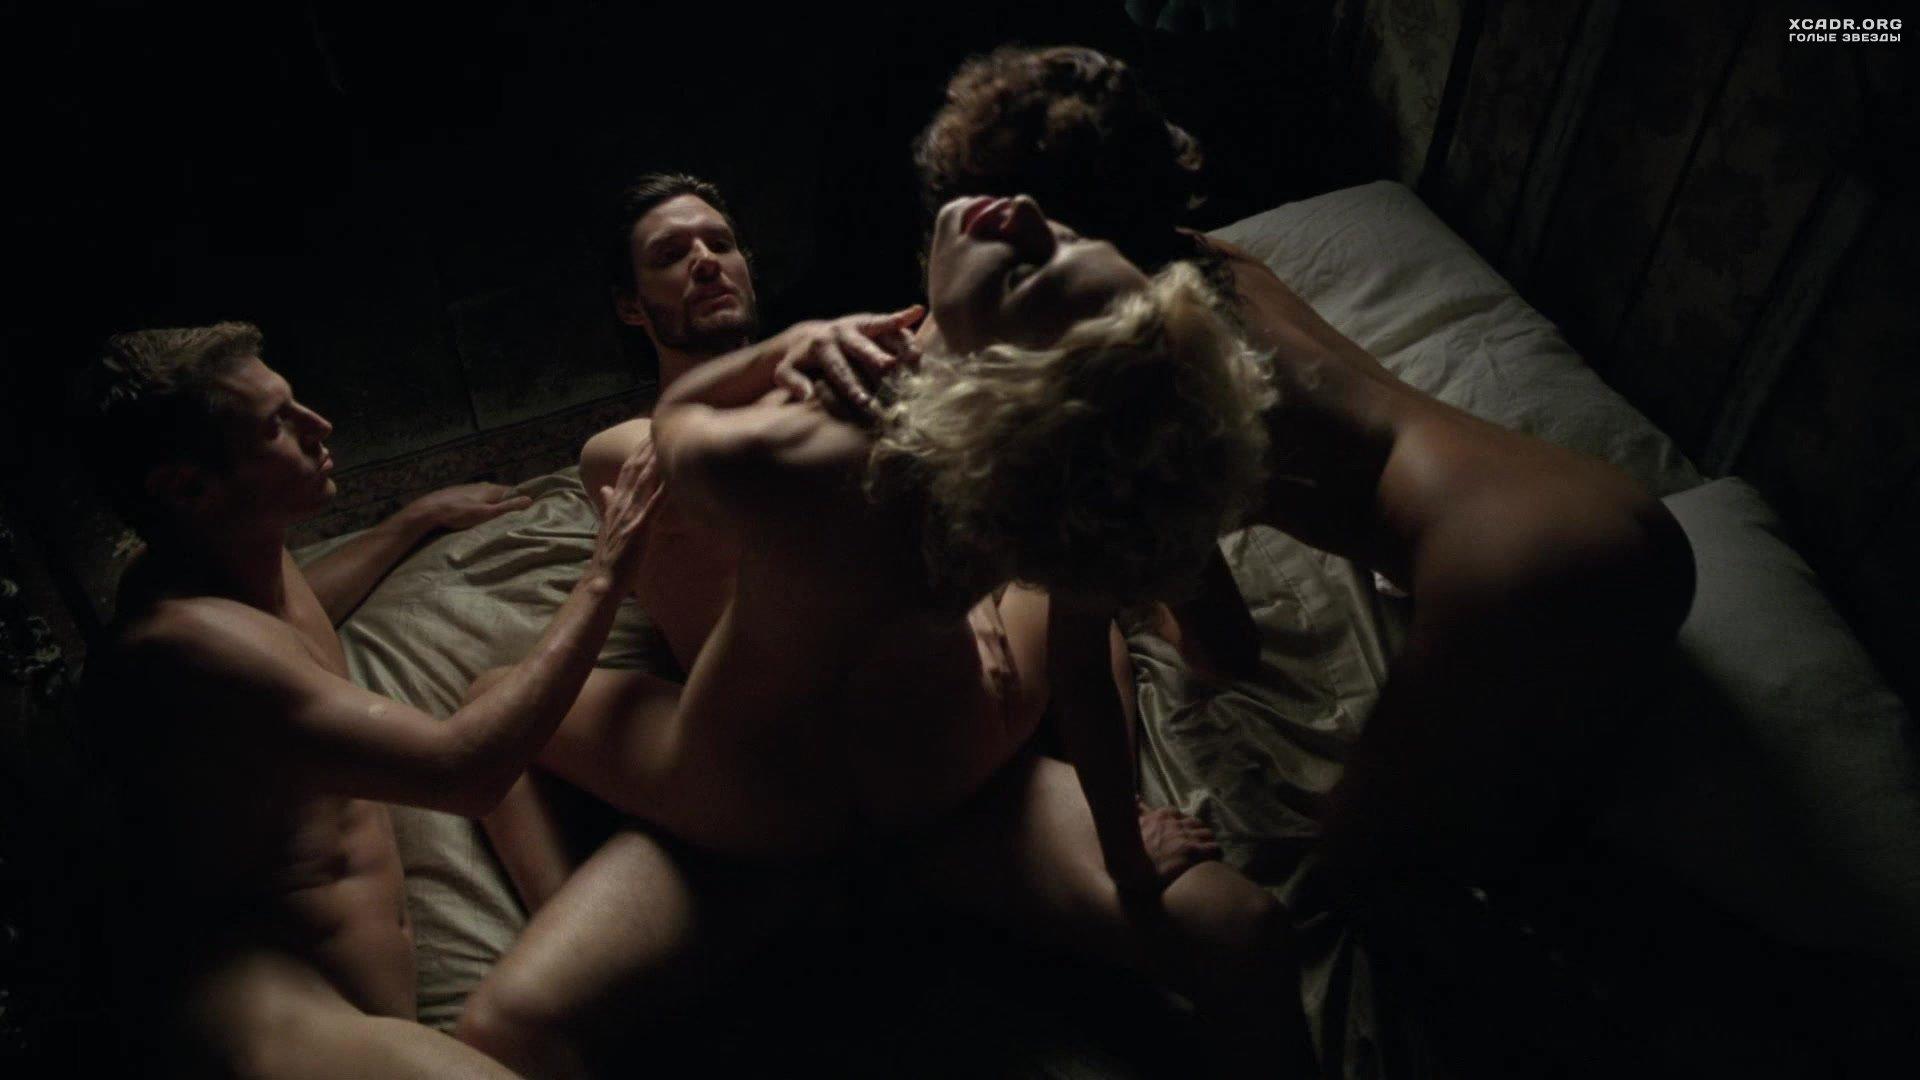 сцены дикого секса сексуалных